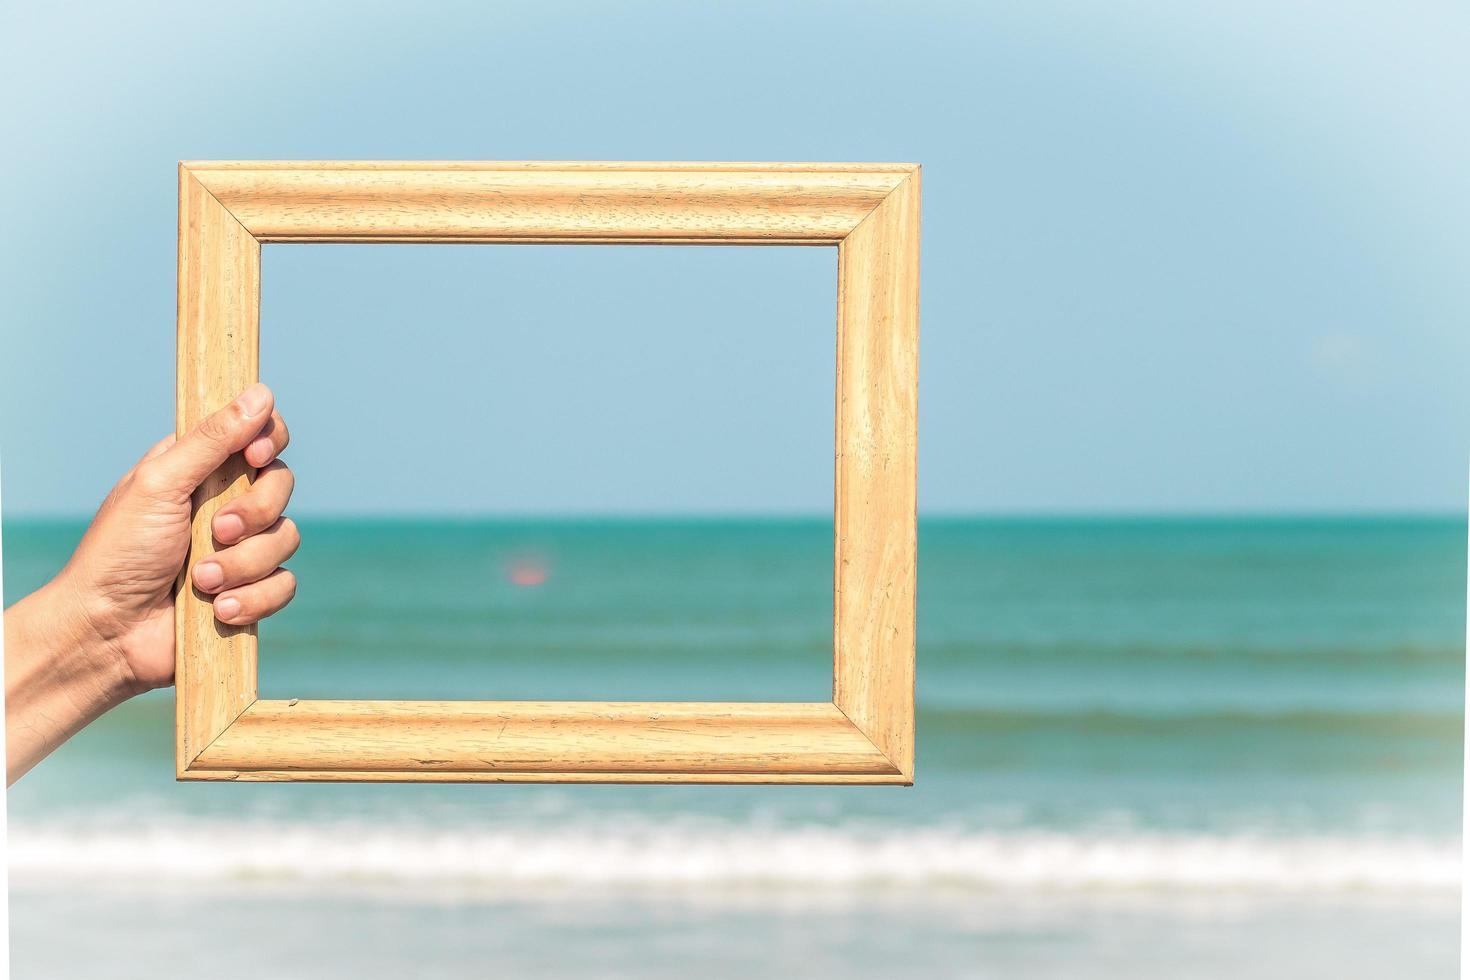 mano sujetando el marco de madera en el fondo del océano foto